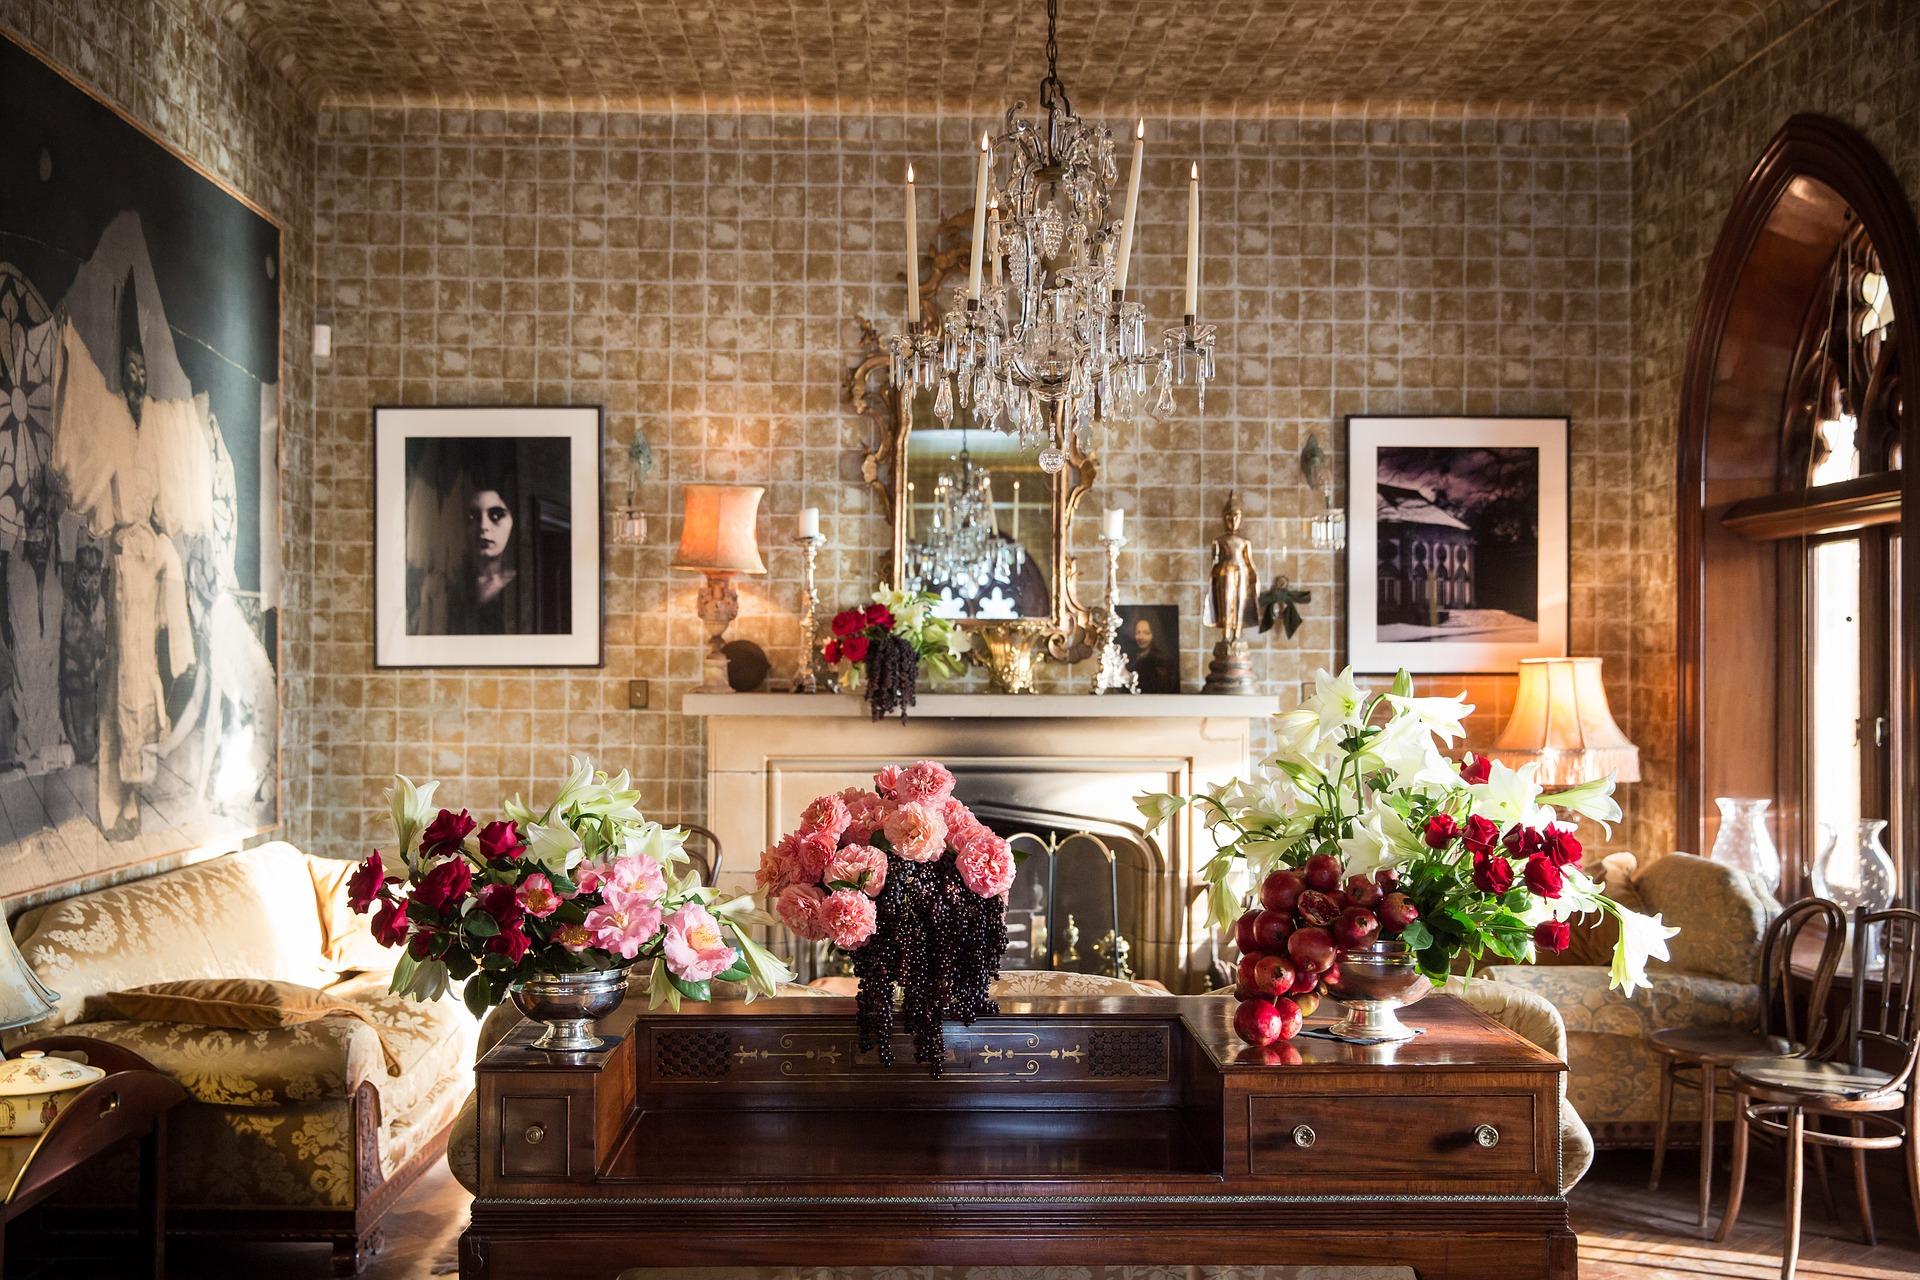 El diseño interior de un hogar refleja el gusto y el estilo de sus habitantes.